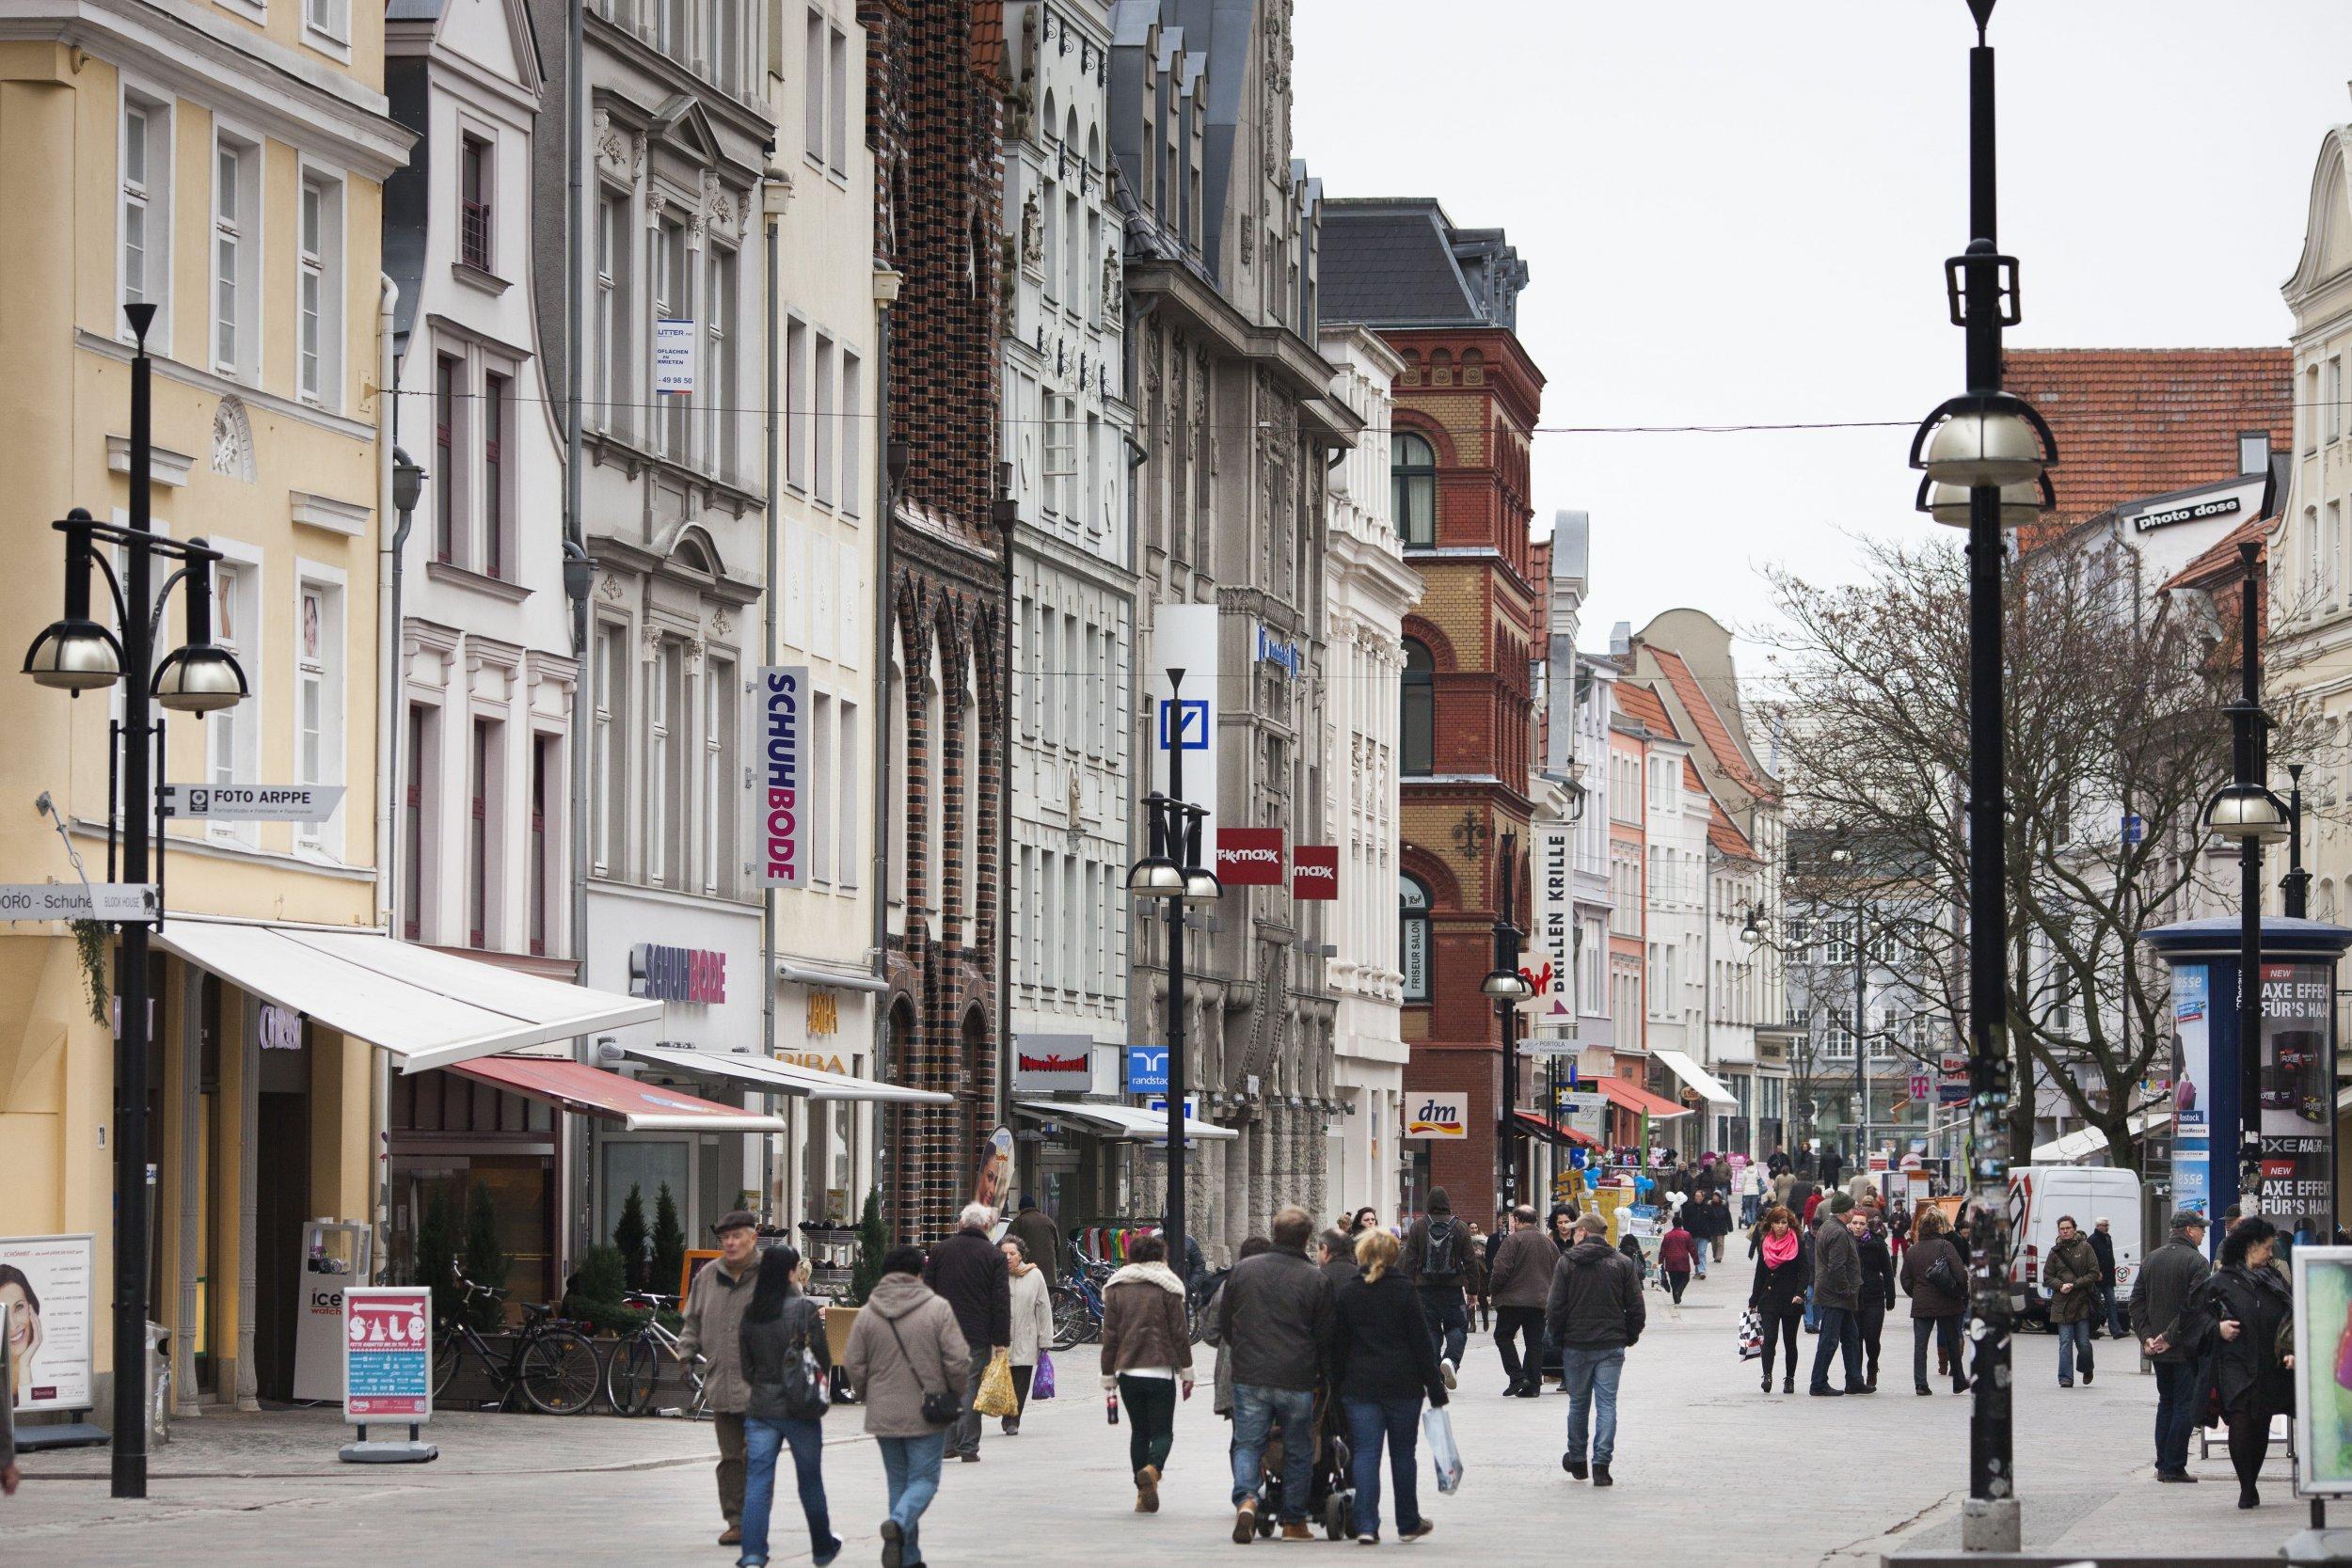 07_04_Rostock